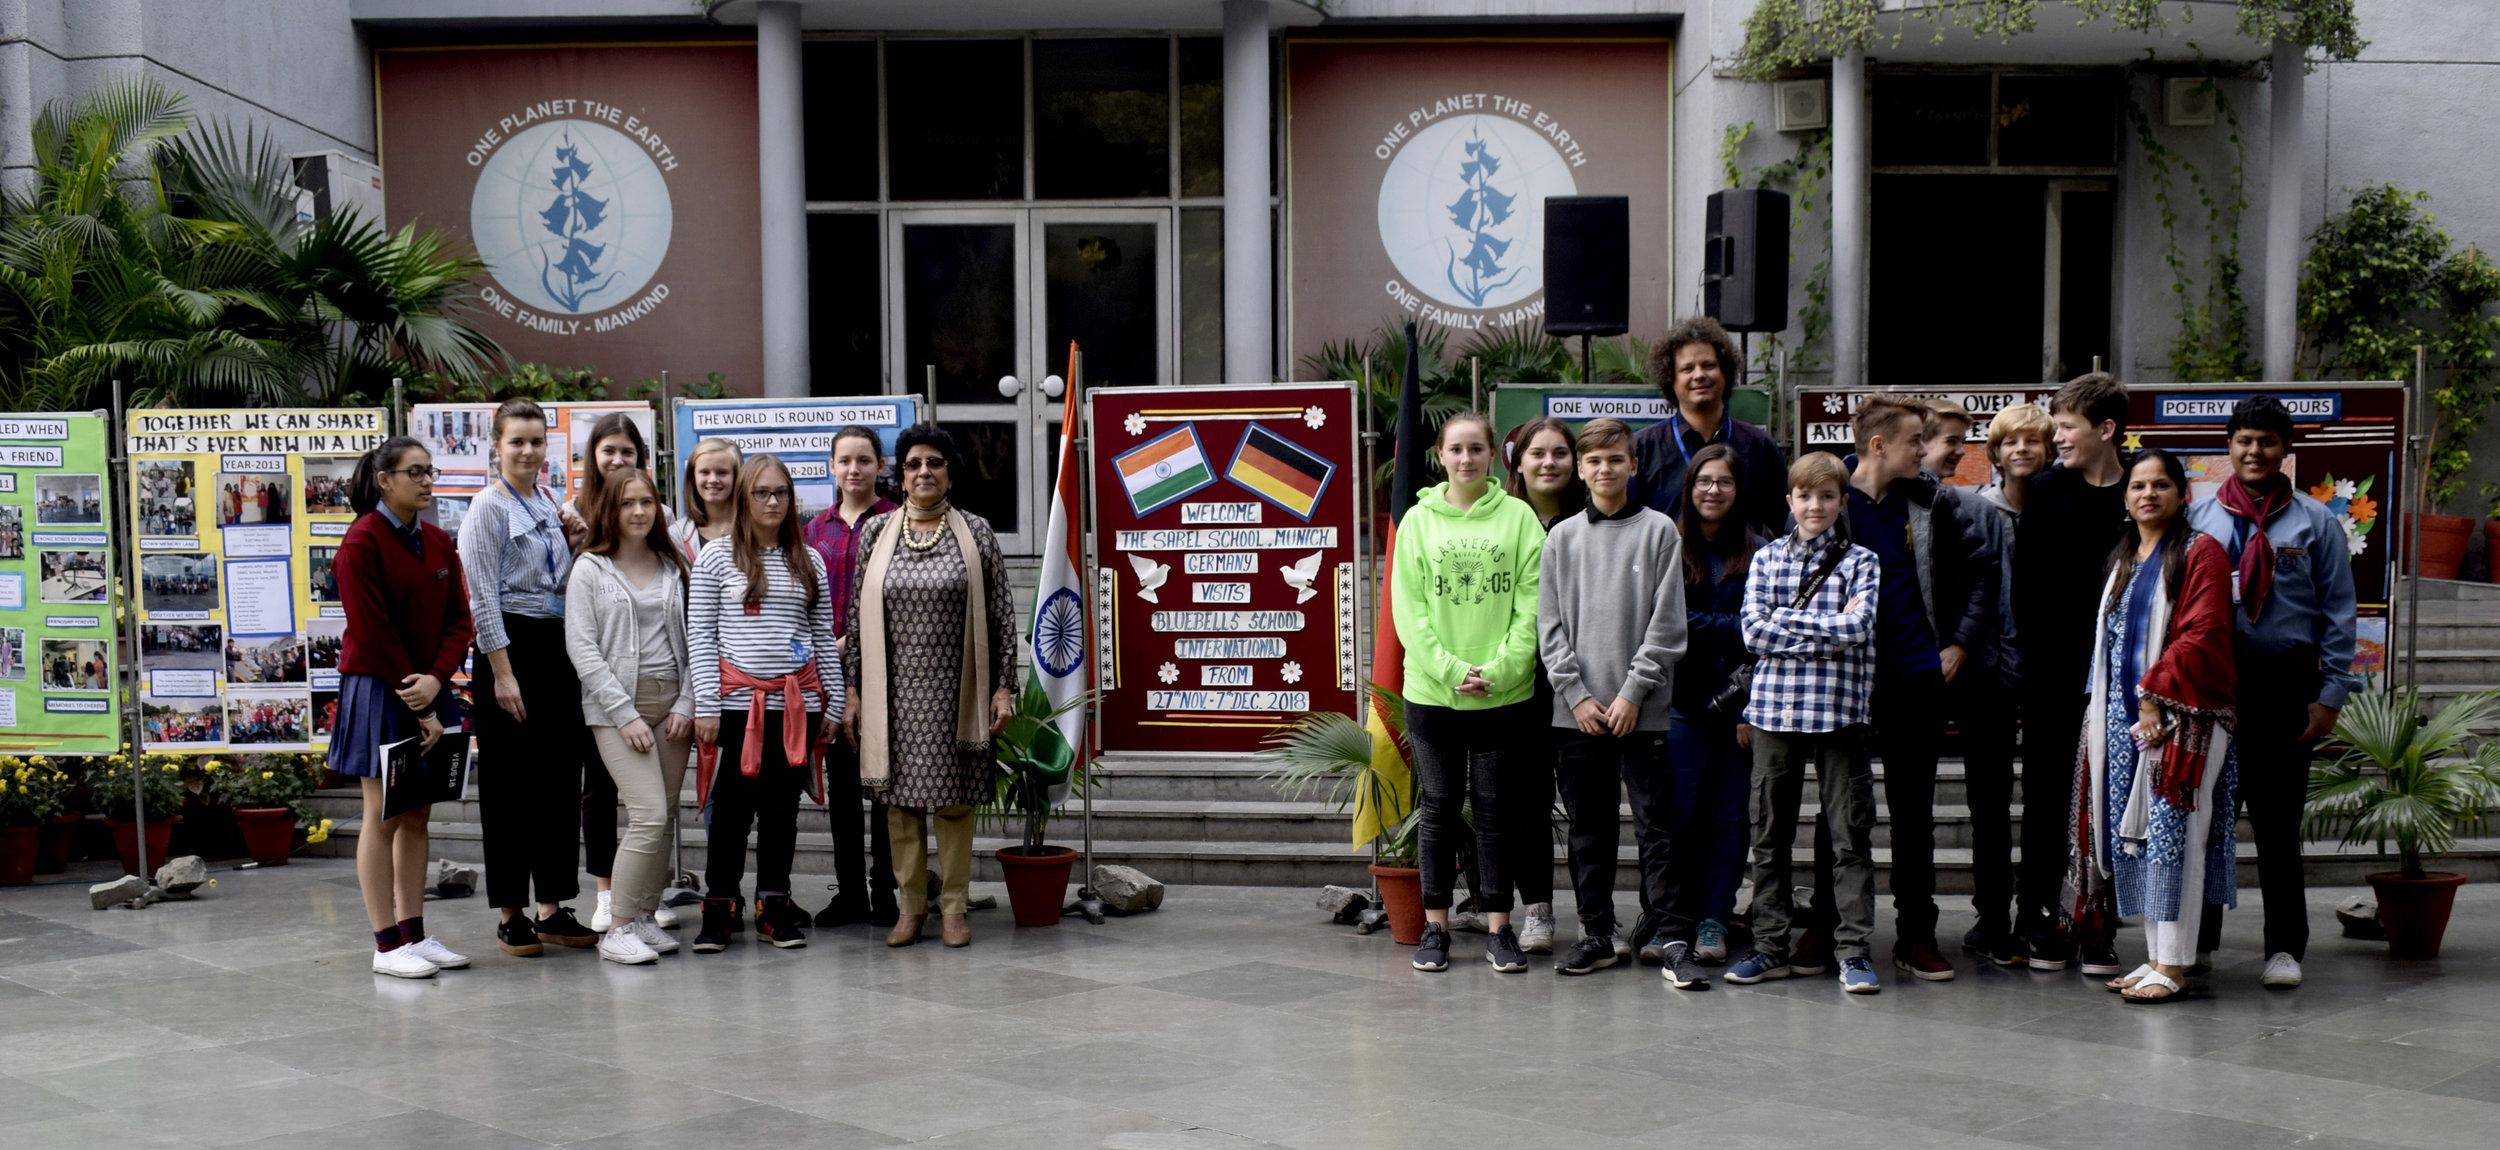 Munich 2018 Group Photo.jpg